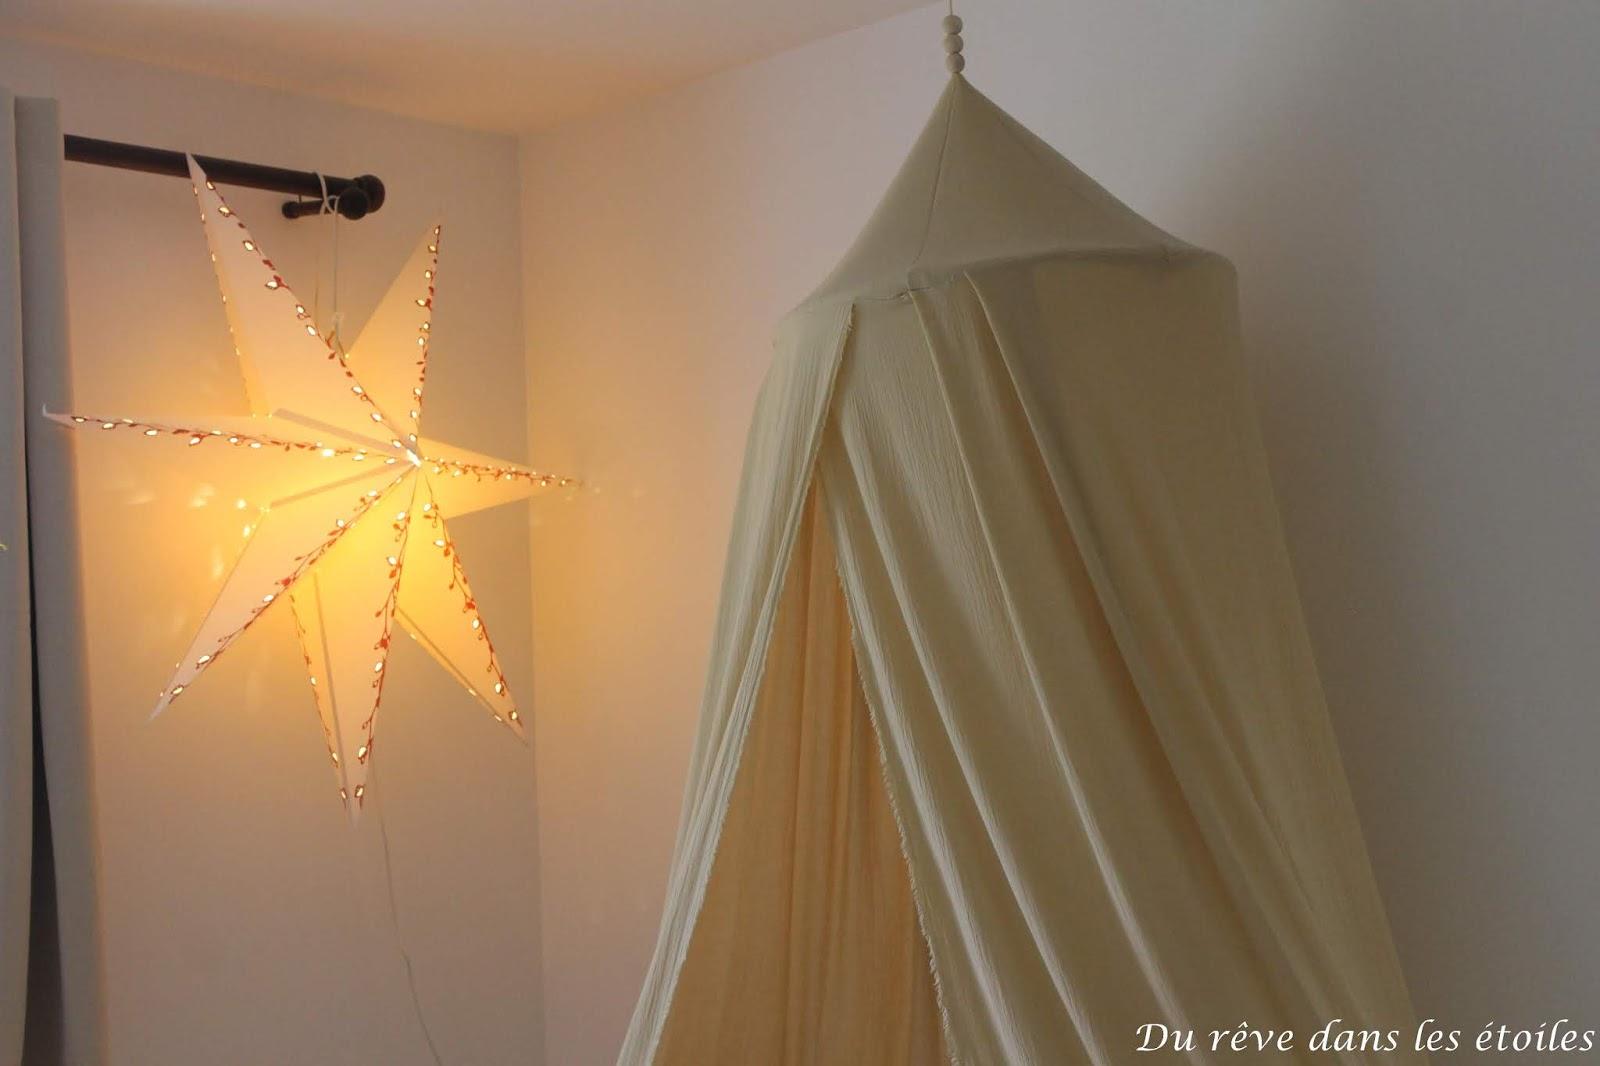 Fabriquer Ciel De Lit ciel de lit diy - du rêve dans les étoiles